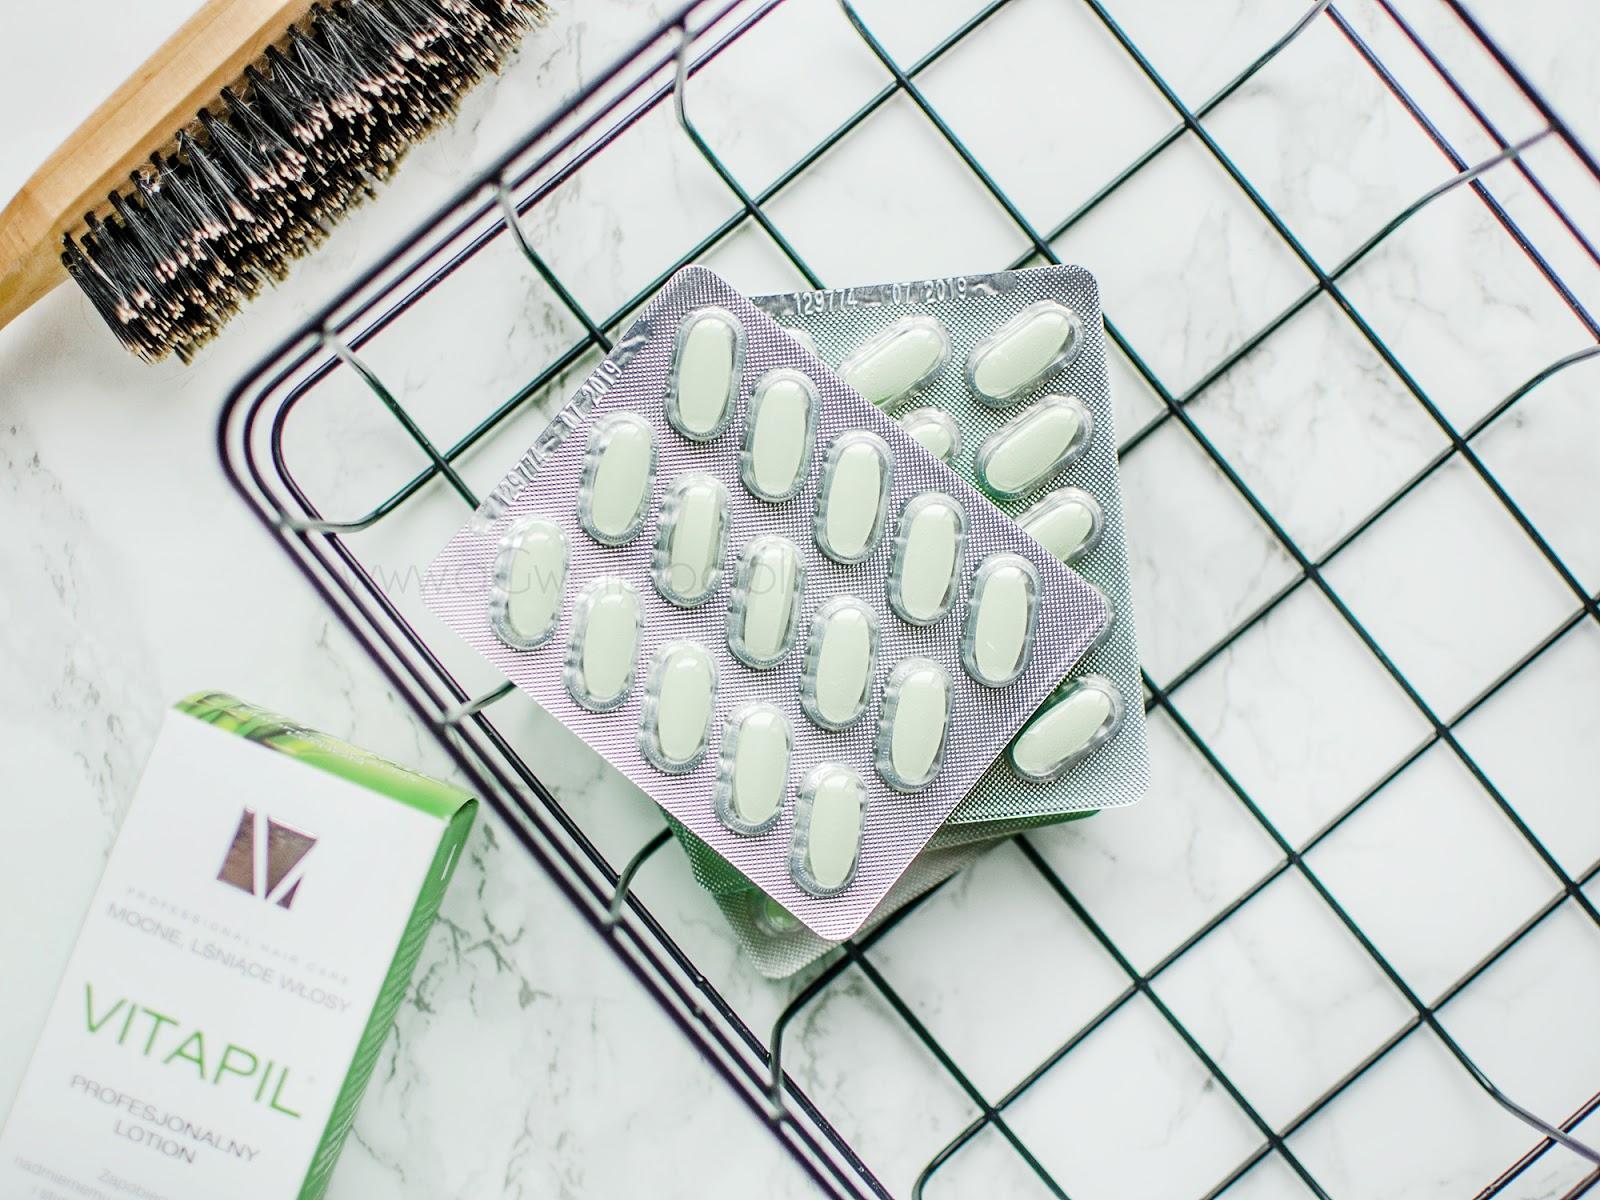 tabletki-vitapil-na-wypadanie-wlosow